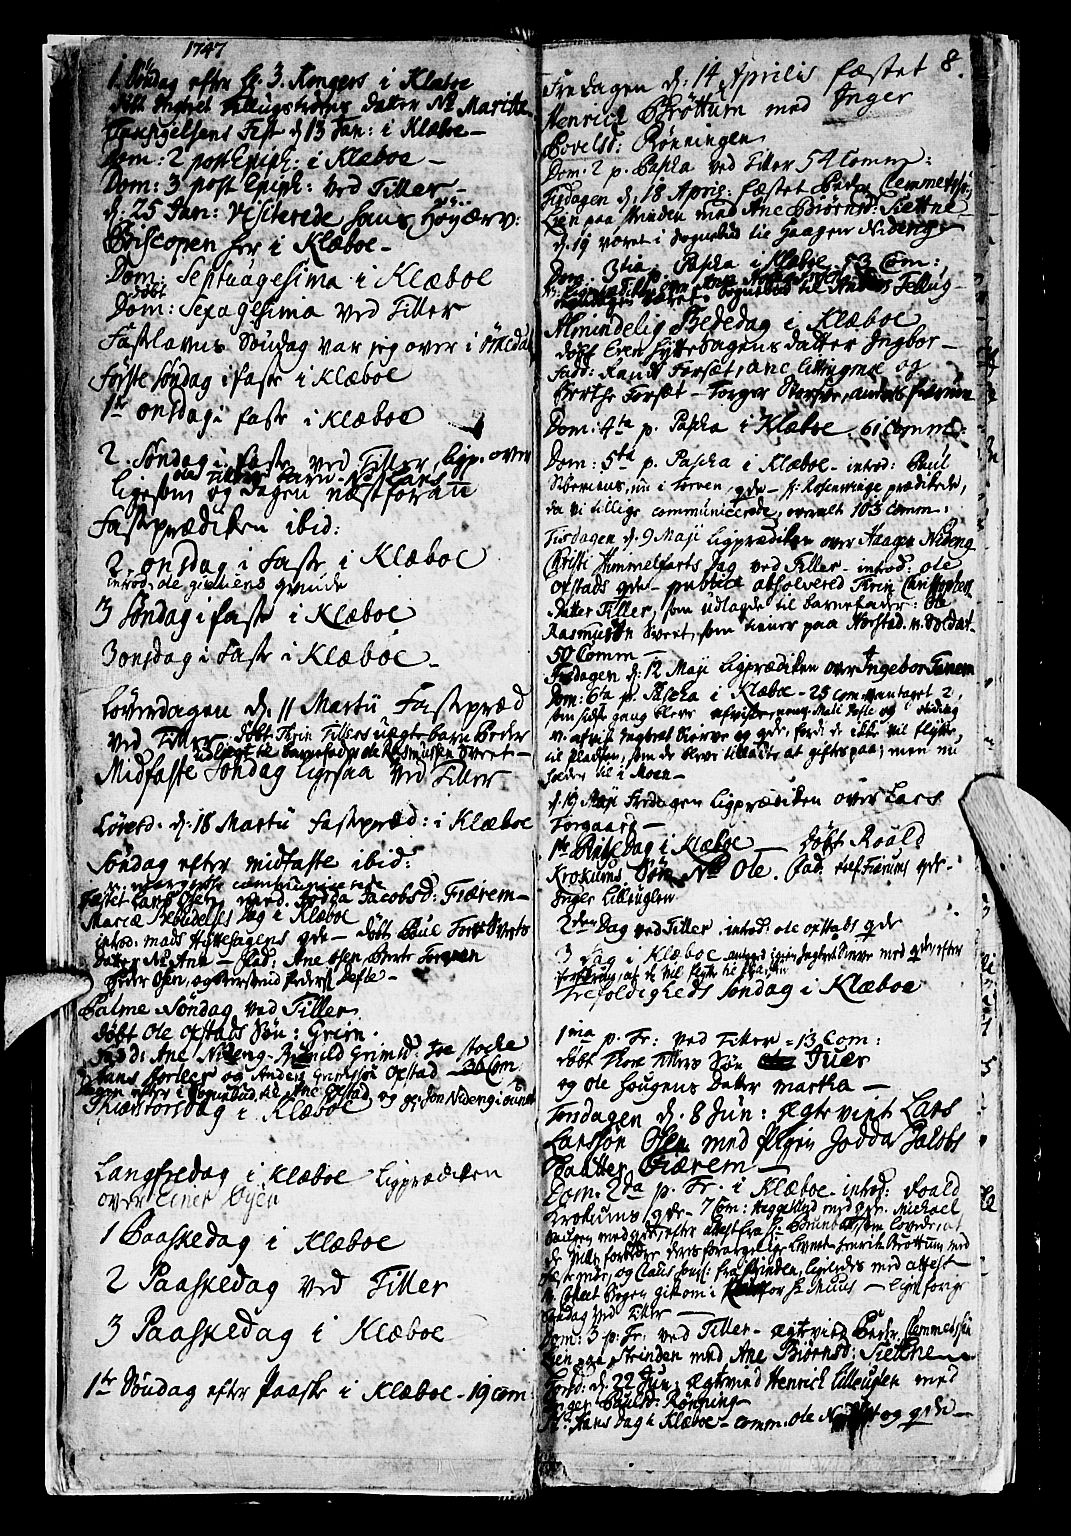 SAT, Ministerialprotokoller, klokkerbøker og fødselsregistre - Sør-Trøndelag, 618/L0436: Ministerialbok nr. 618A01, 1741-1749, s. 8